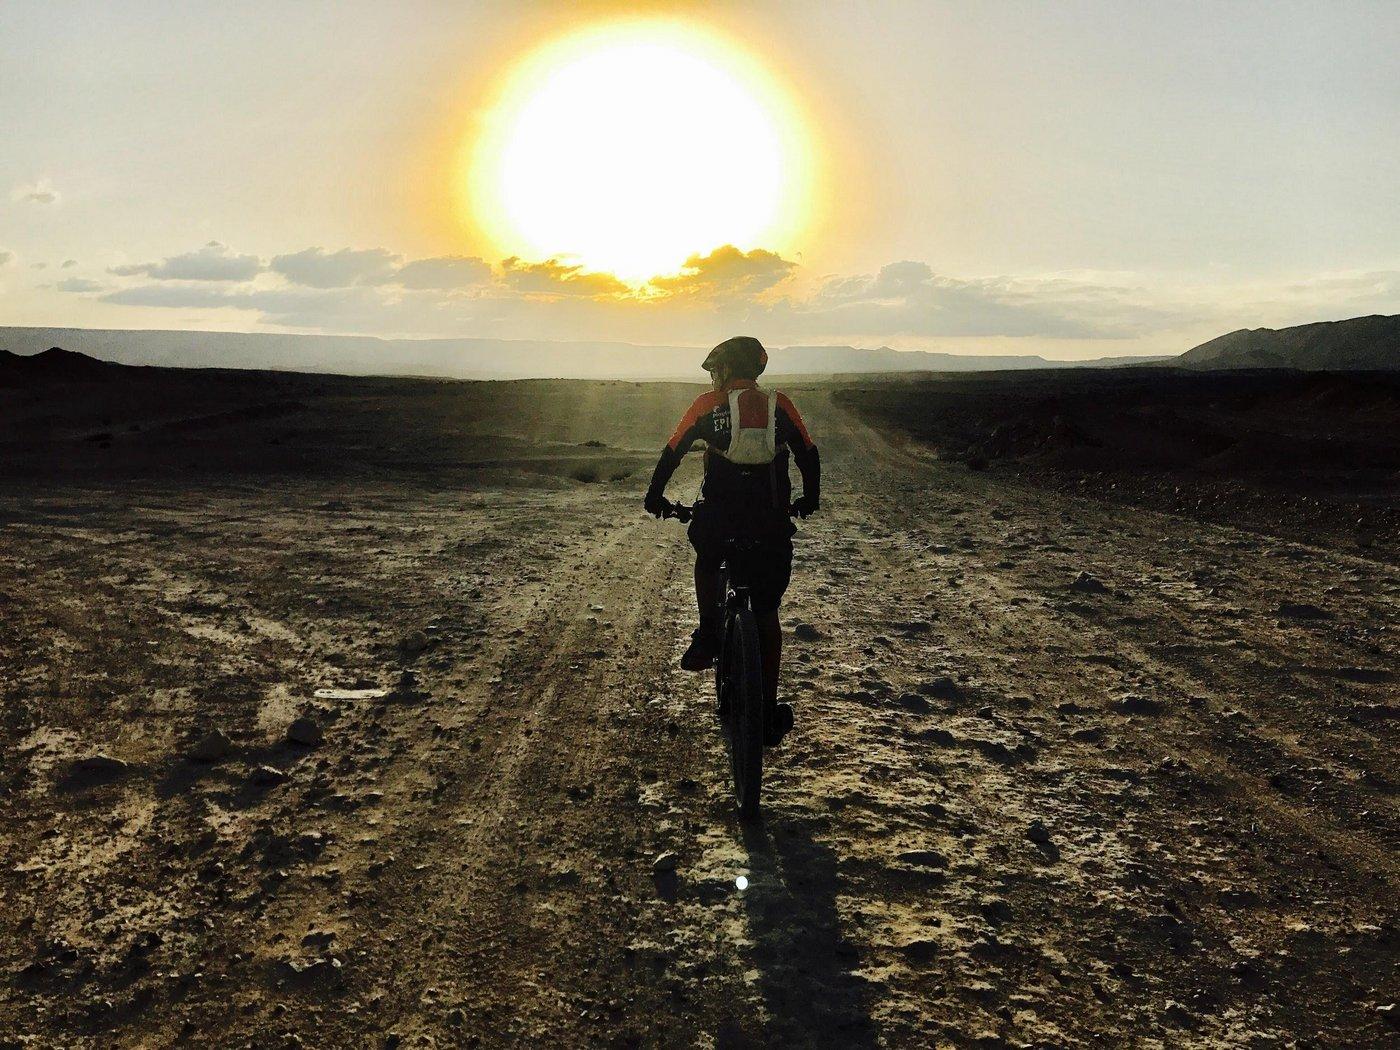 """42 שעות של מאמץ בנונסטופ 700 – ה""""מהר לעמק"""" של האופניים / איתי הלוי"""